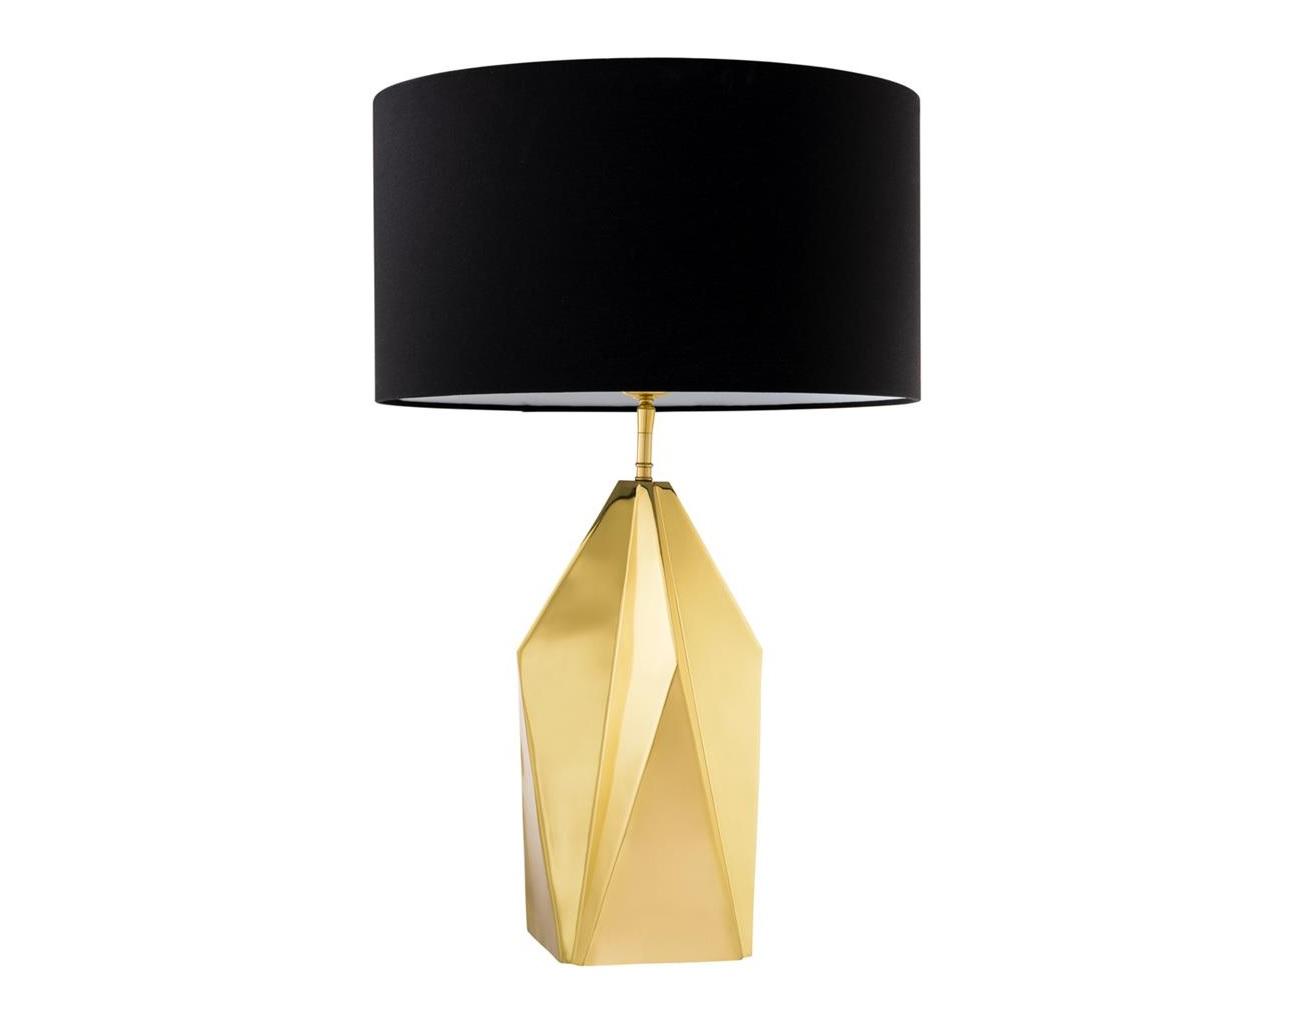 Настольная лампа Table Lamp SetaiДекоративные лампы<br>&amp;lt;div&amp;gt;Вид цоколя: E27&amp;lt;br&amp;gt;&amp;lt;/div&amp;gt;&amp;lt;div&amp;gt;&amp;lt;div&amp;gt;Мощность: 40W&amp;lt;/div&amp;gt;&amp;lt;div&amp;gt;Количество ламп: 1 (нет в комплекте)&amp;lt;/div&amp;gt;&amp;lt;/div&amp;gt;<br><br>Material: Металл<br>Высота см: 72